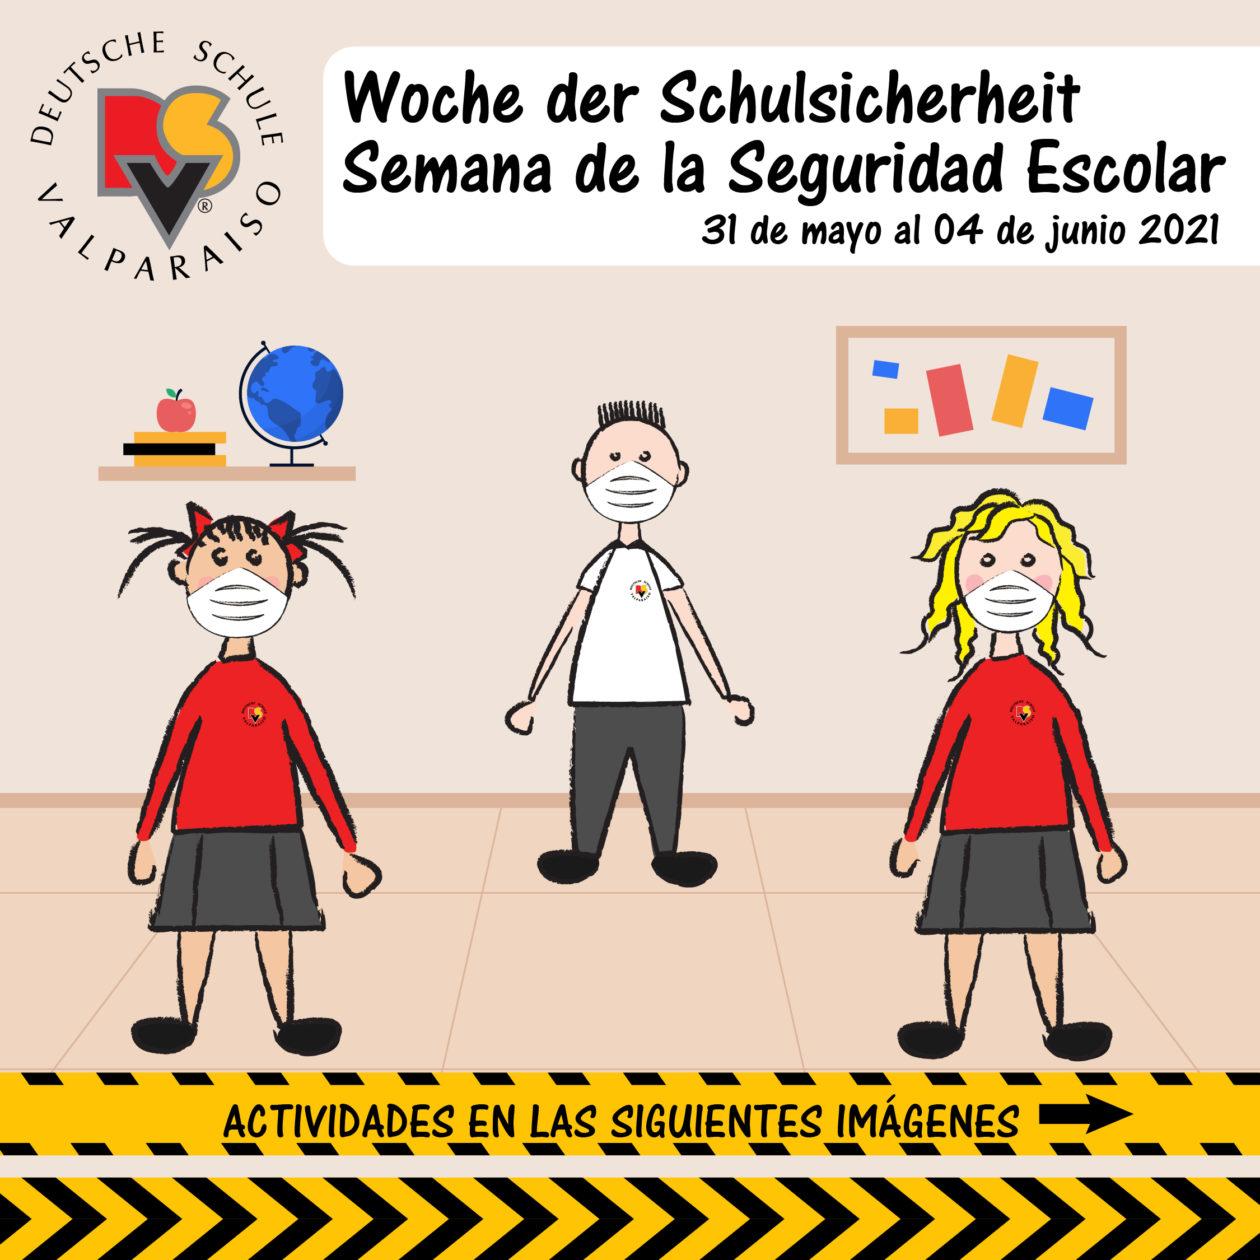 Semana de la Seguridad Escolar_31.05.2021_04.06.2021_Mesa de trabajo 1